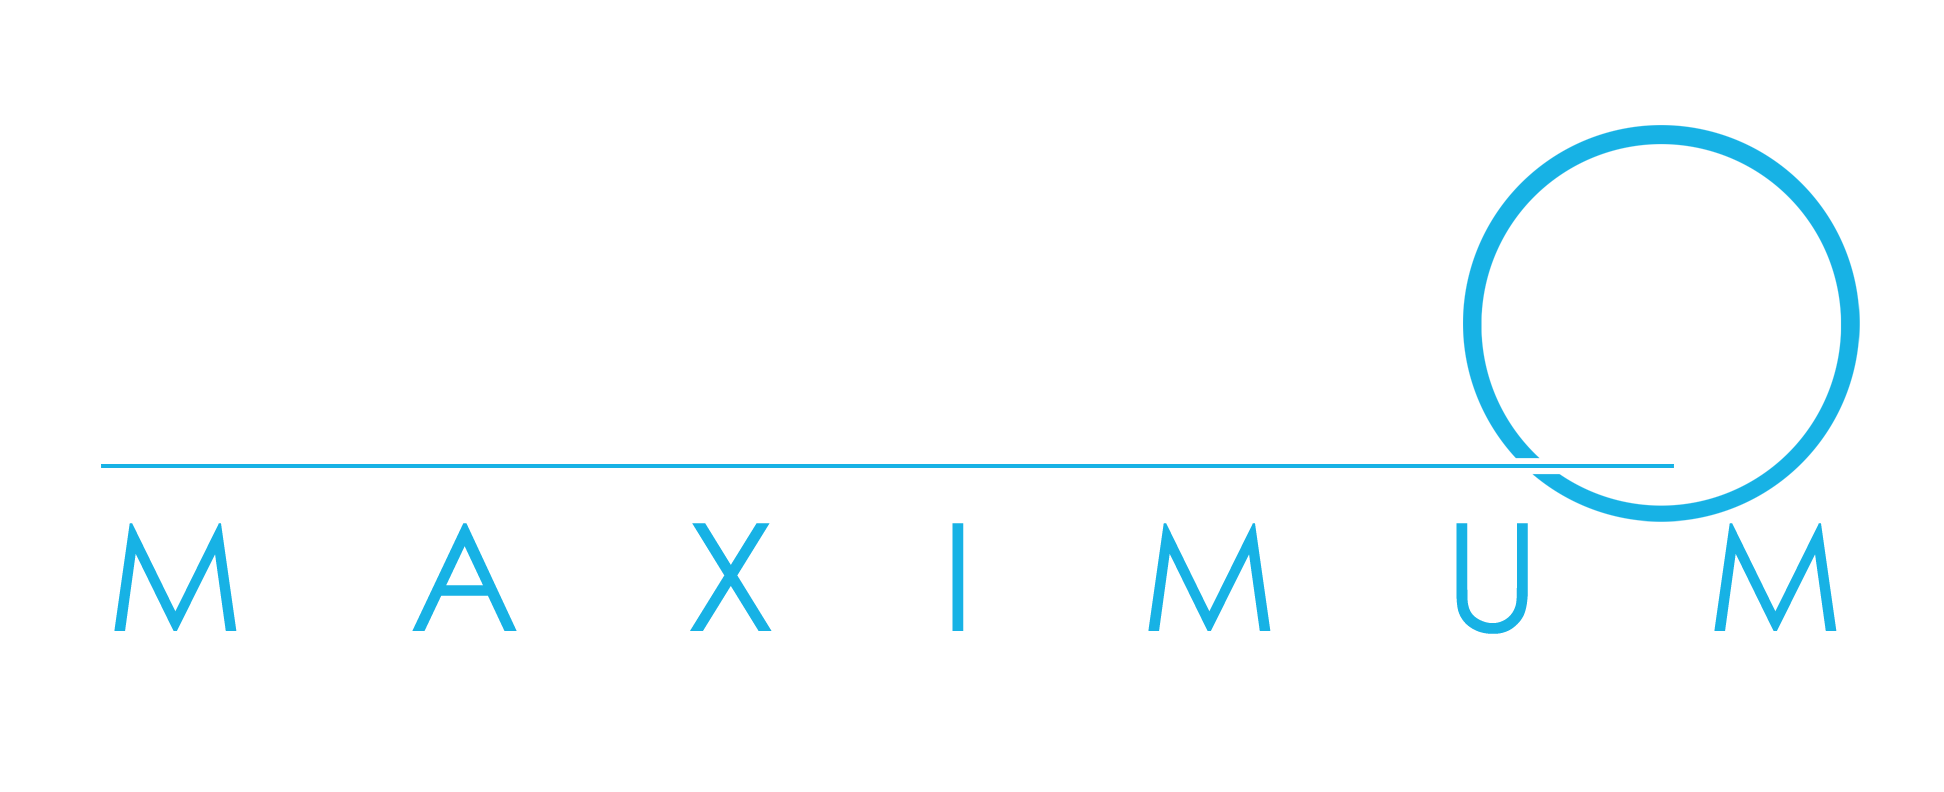 BusinessXL MAXIMUM